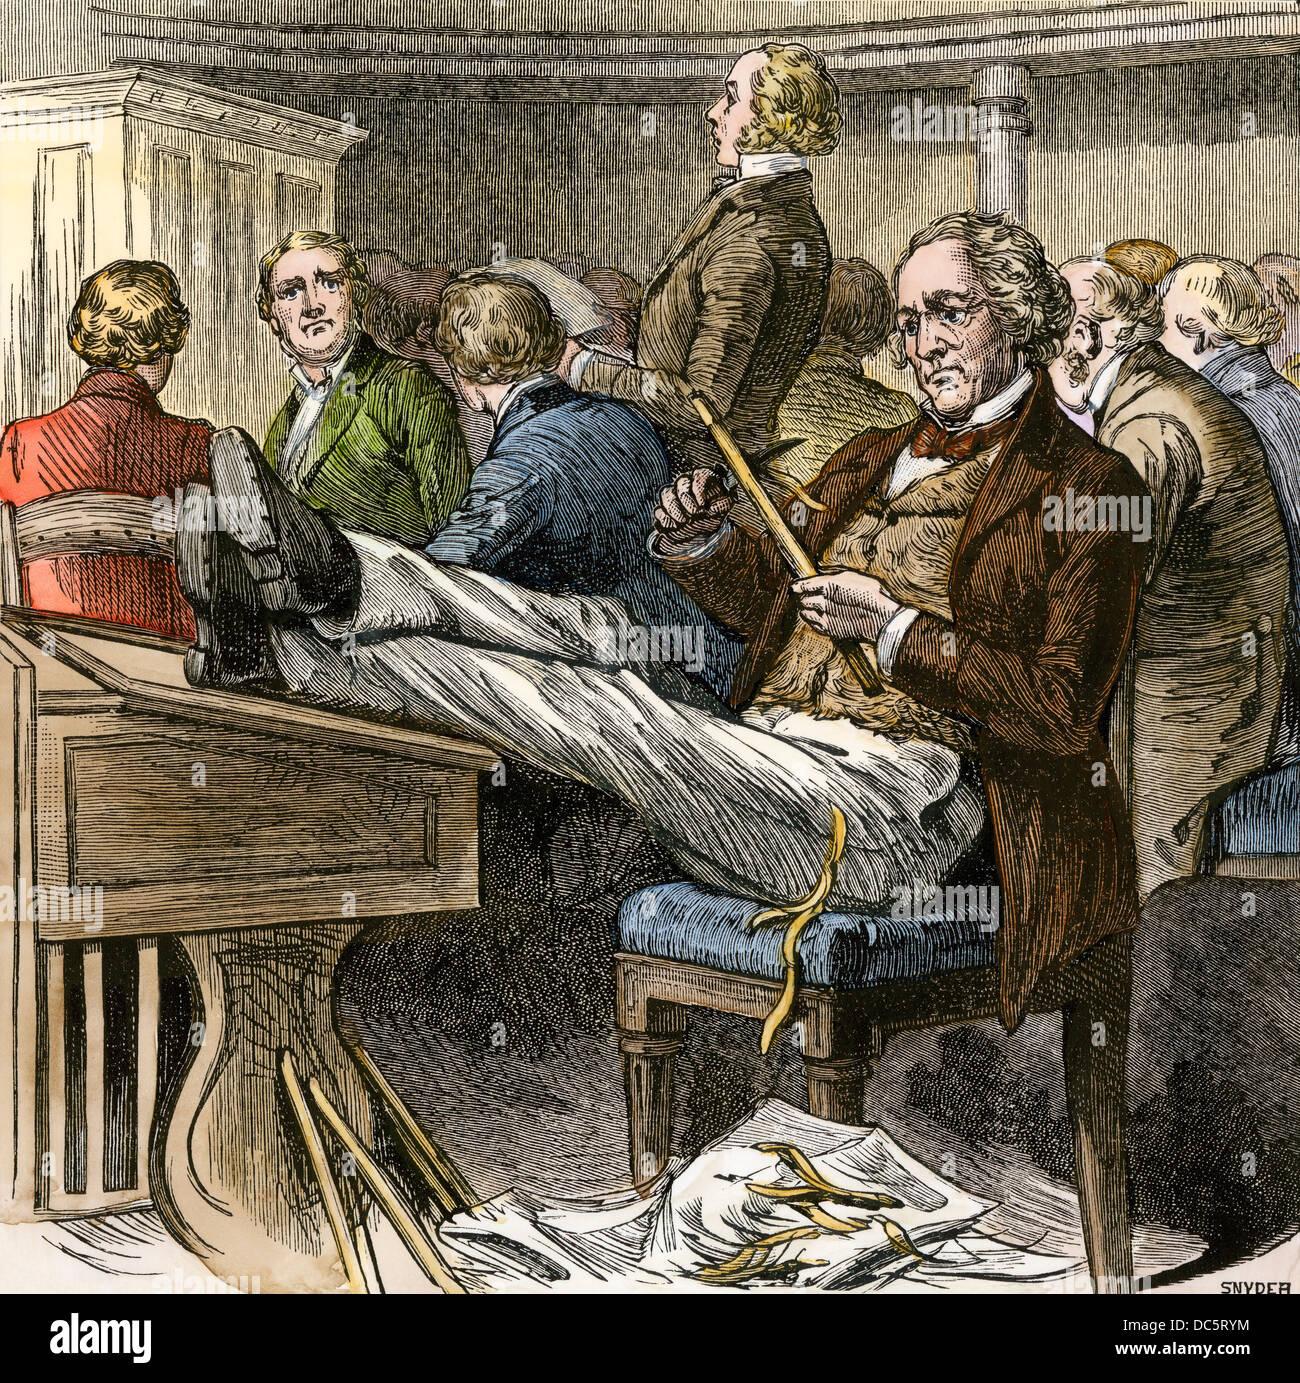 Sam Houston à tailler au Sénat des États-Unis. À la main, gravure sur bois Photo Stock